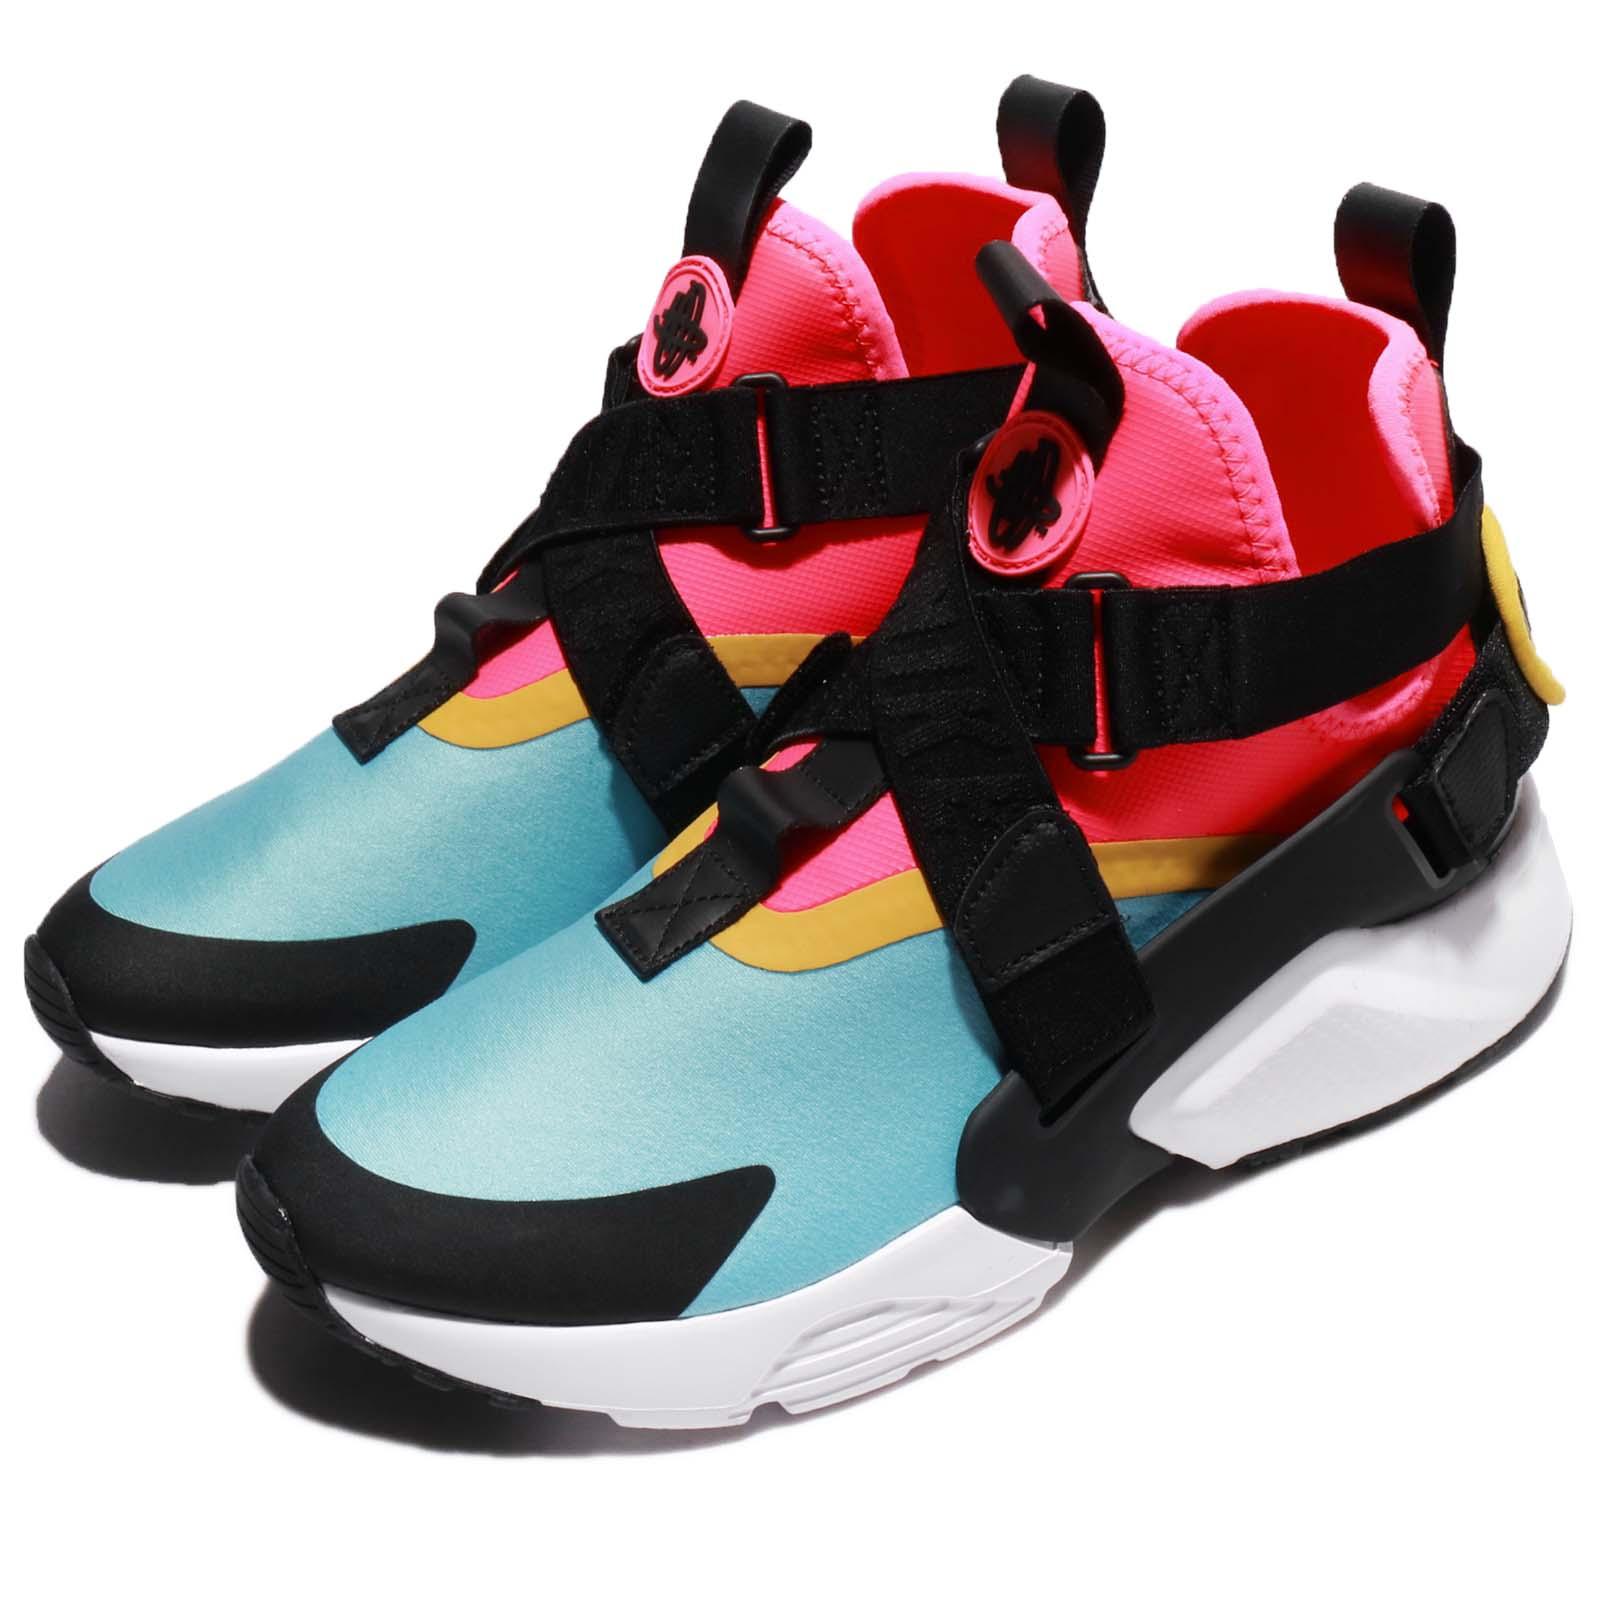 Nike Wmns Air Huarache 復古 女鞋 AH6787-400